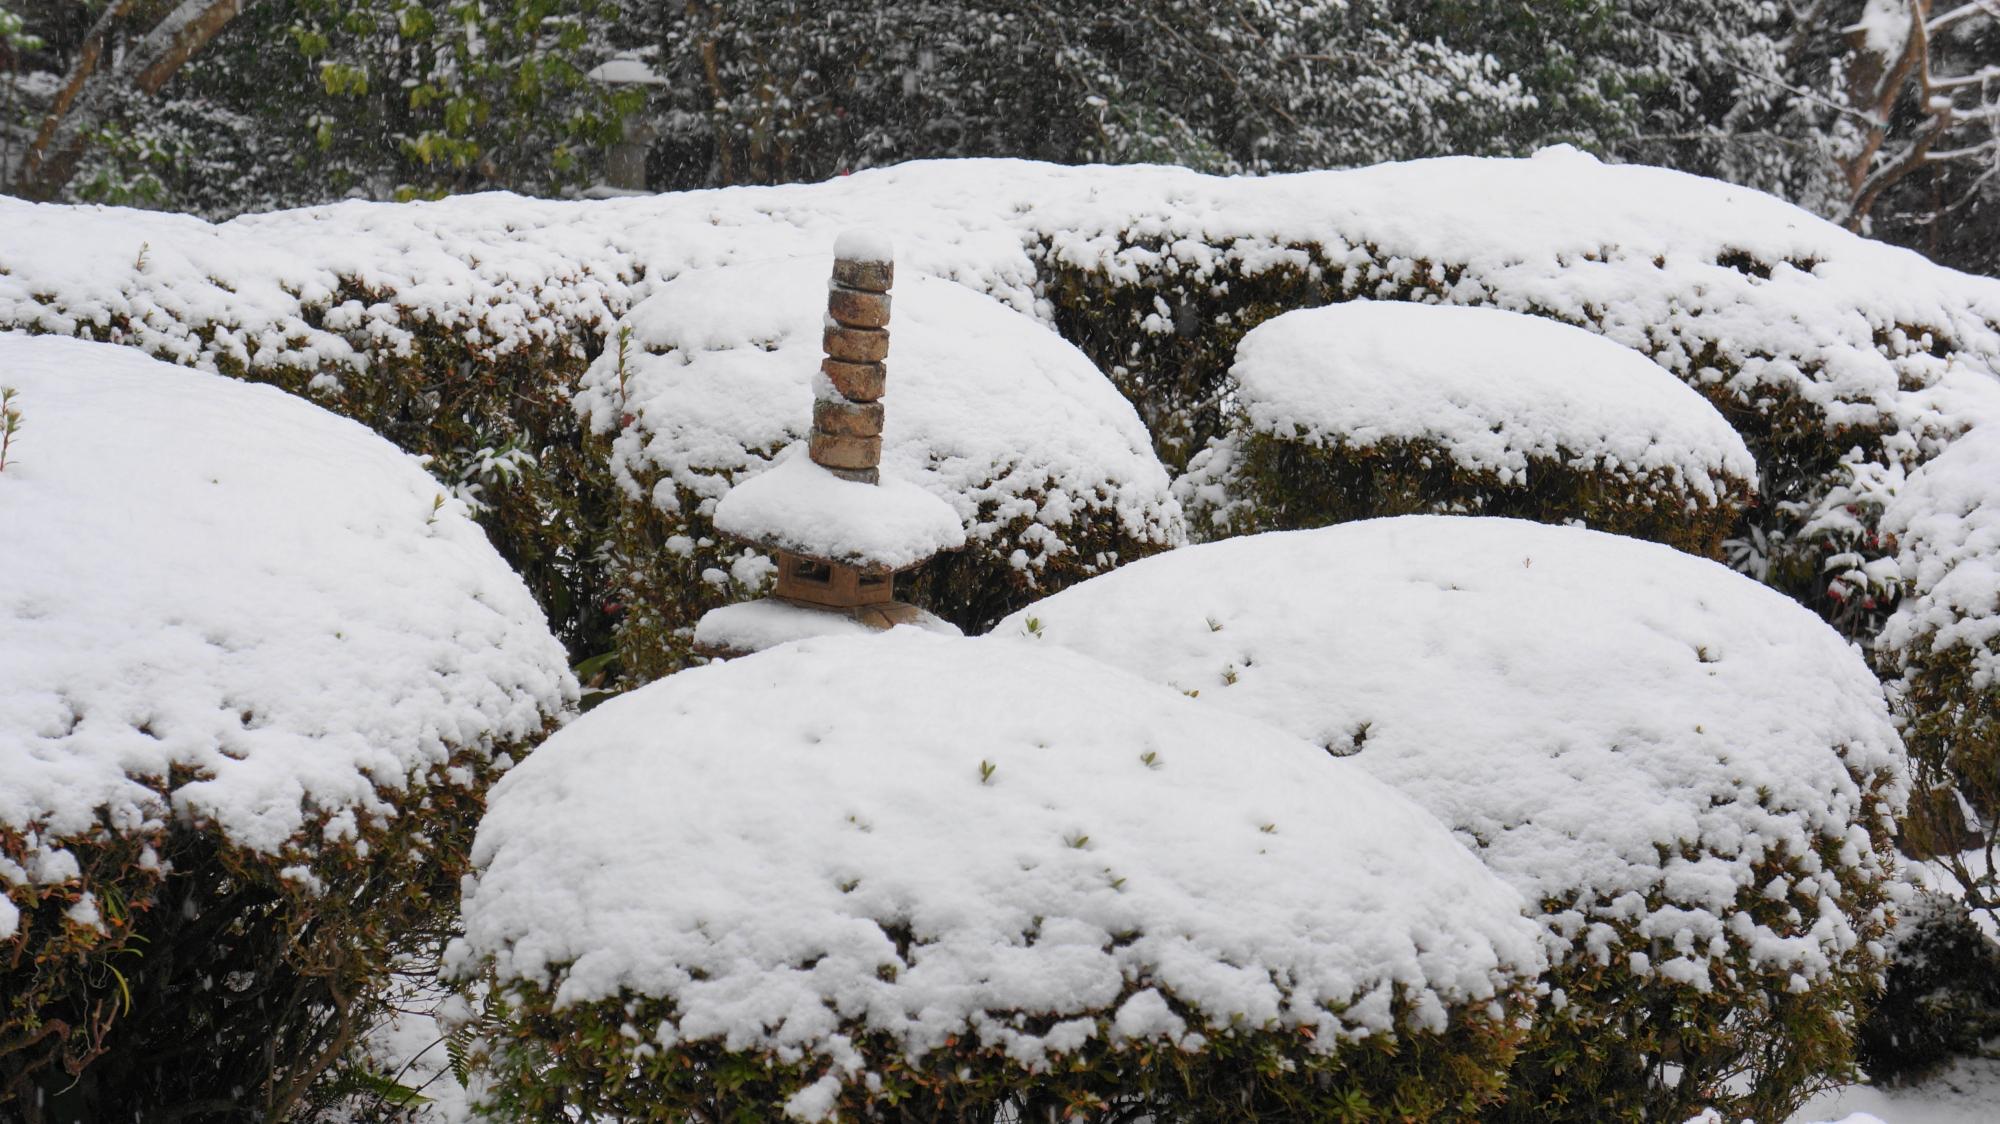 詩仙堂の雪をかぶった石塔